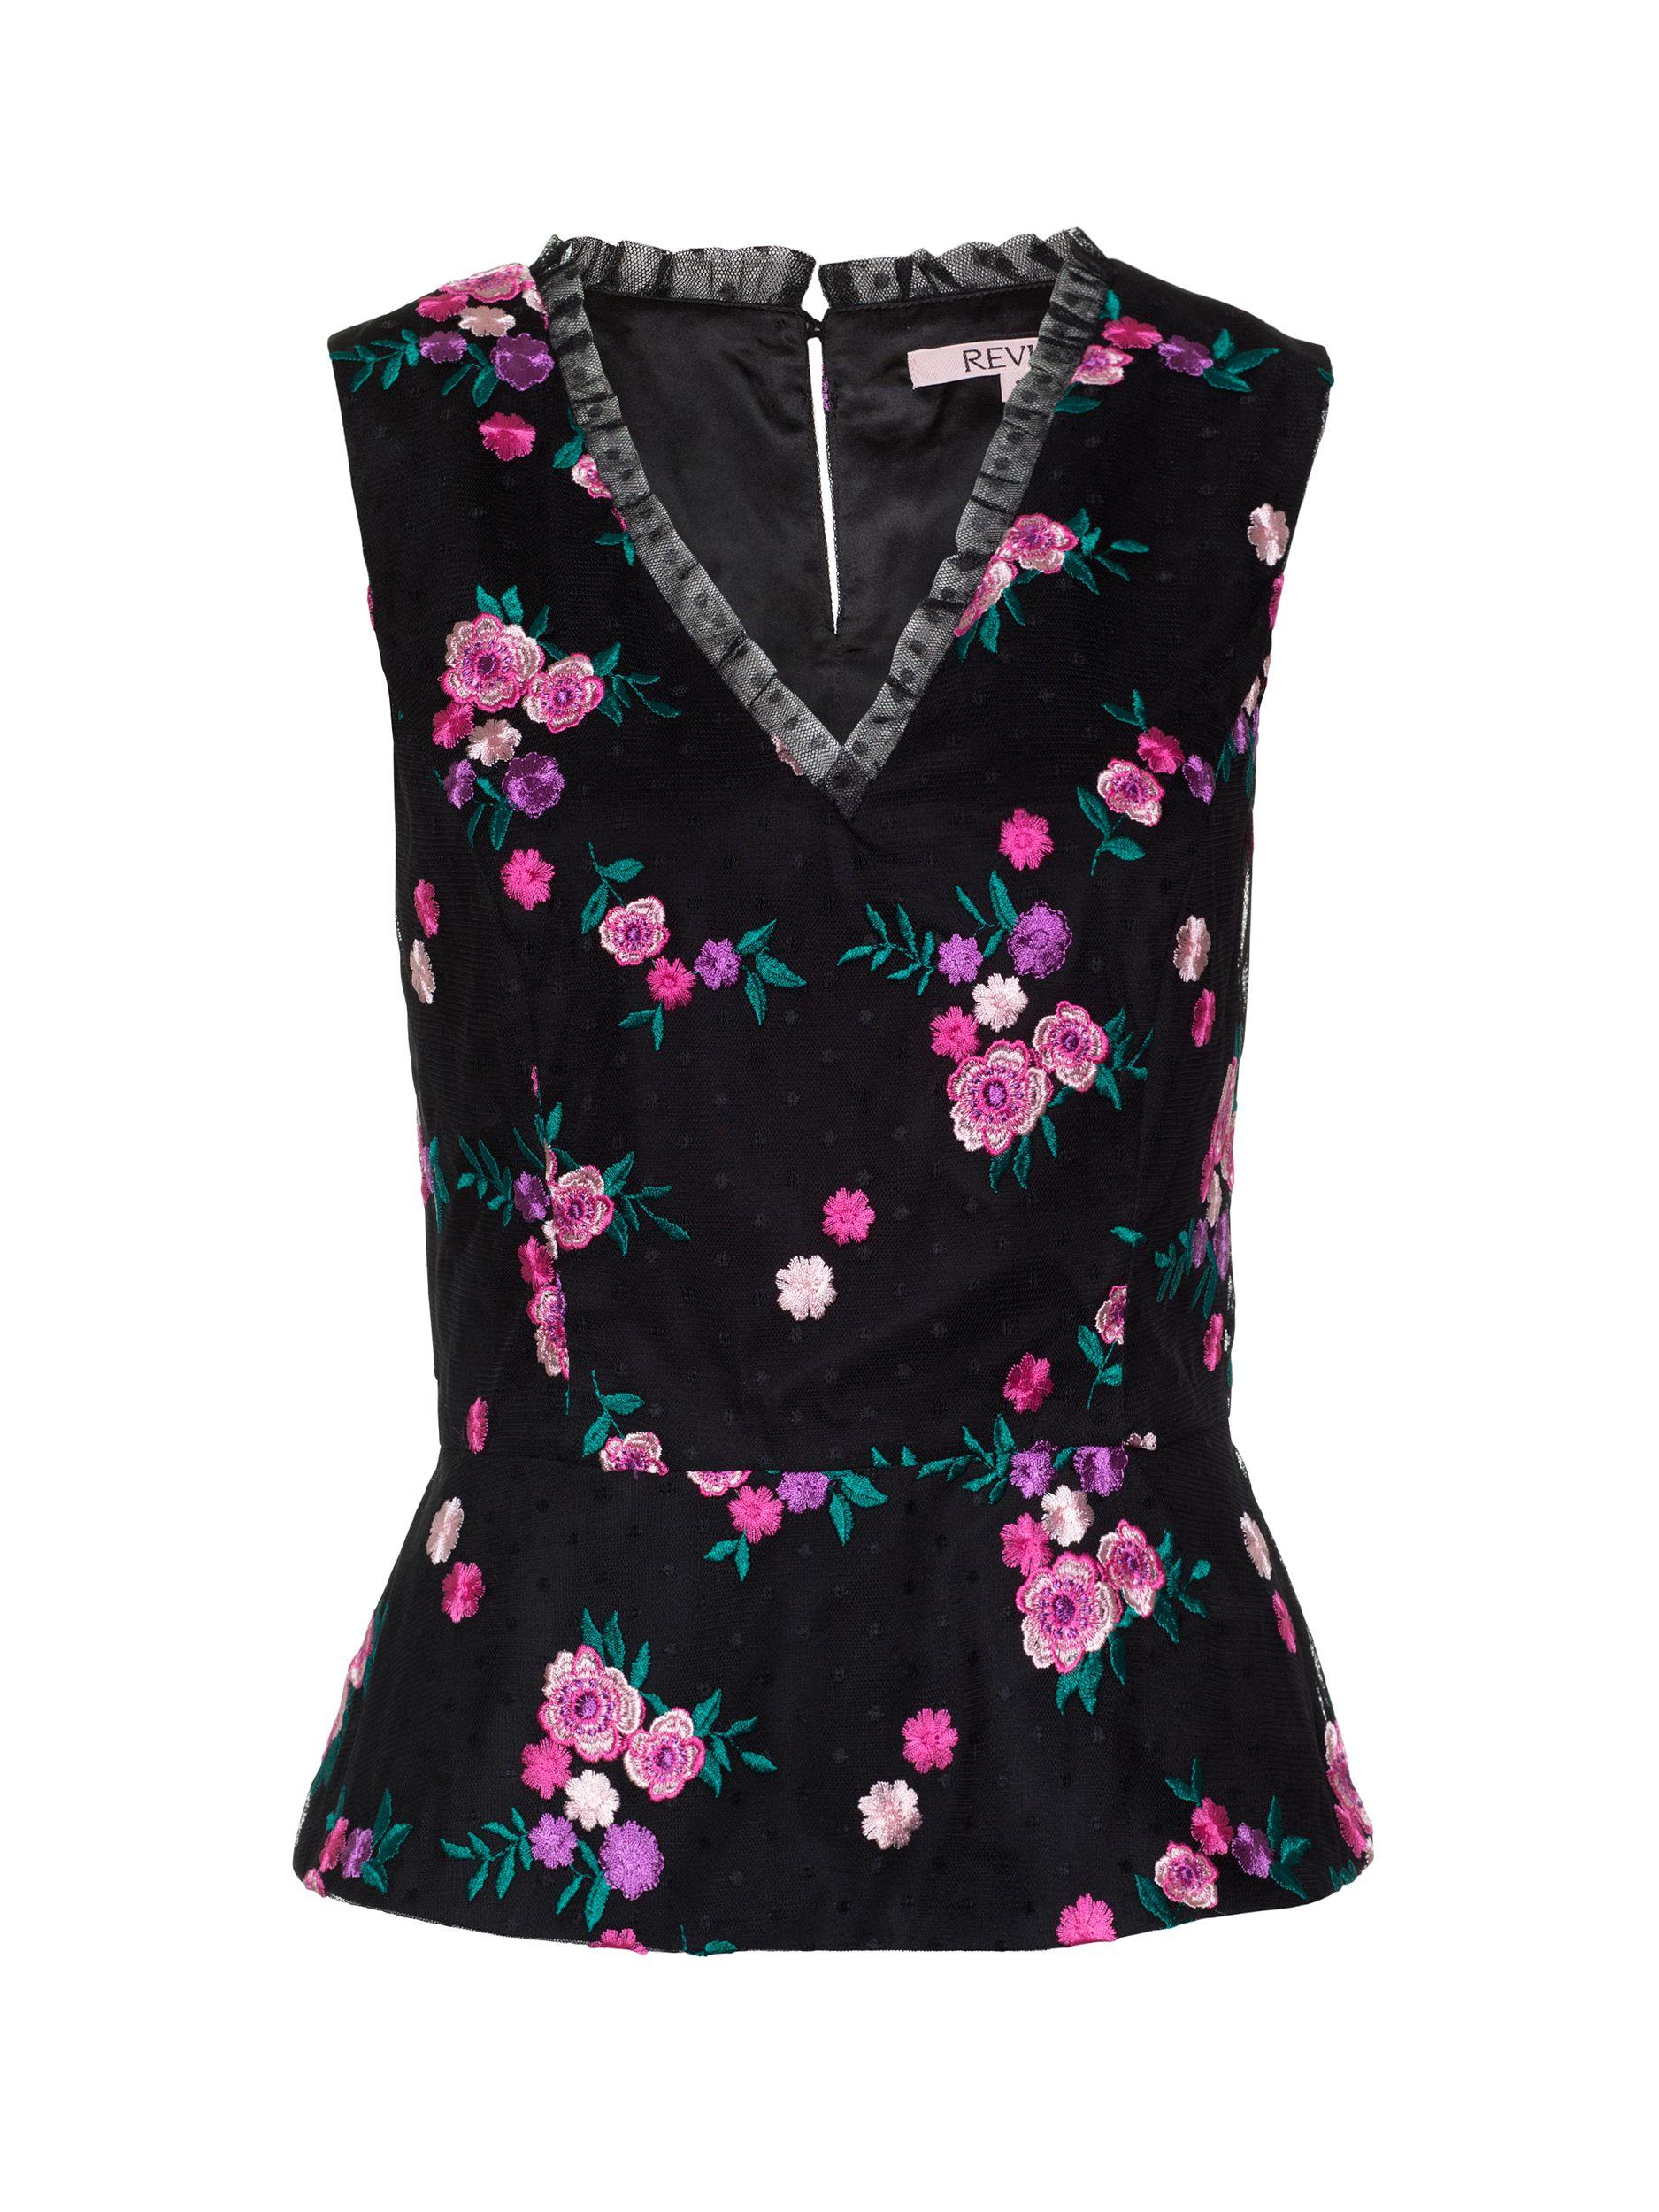 dc6d4494acd2 Frida Floral Top